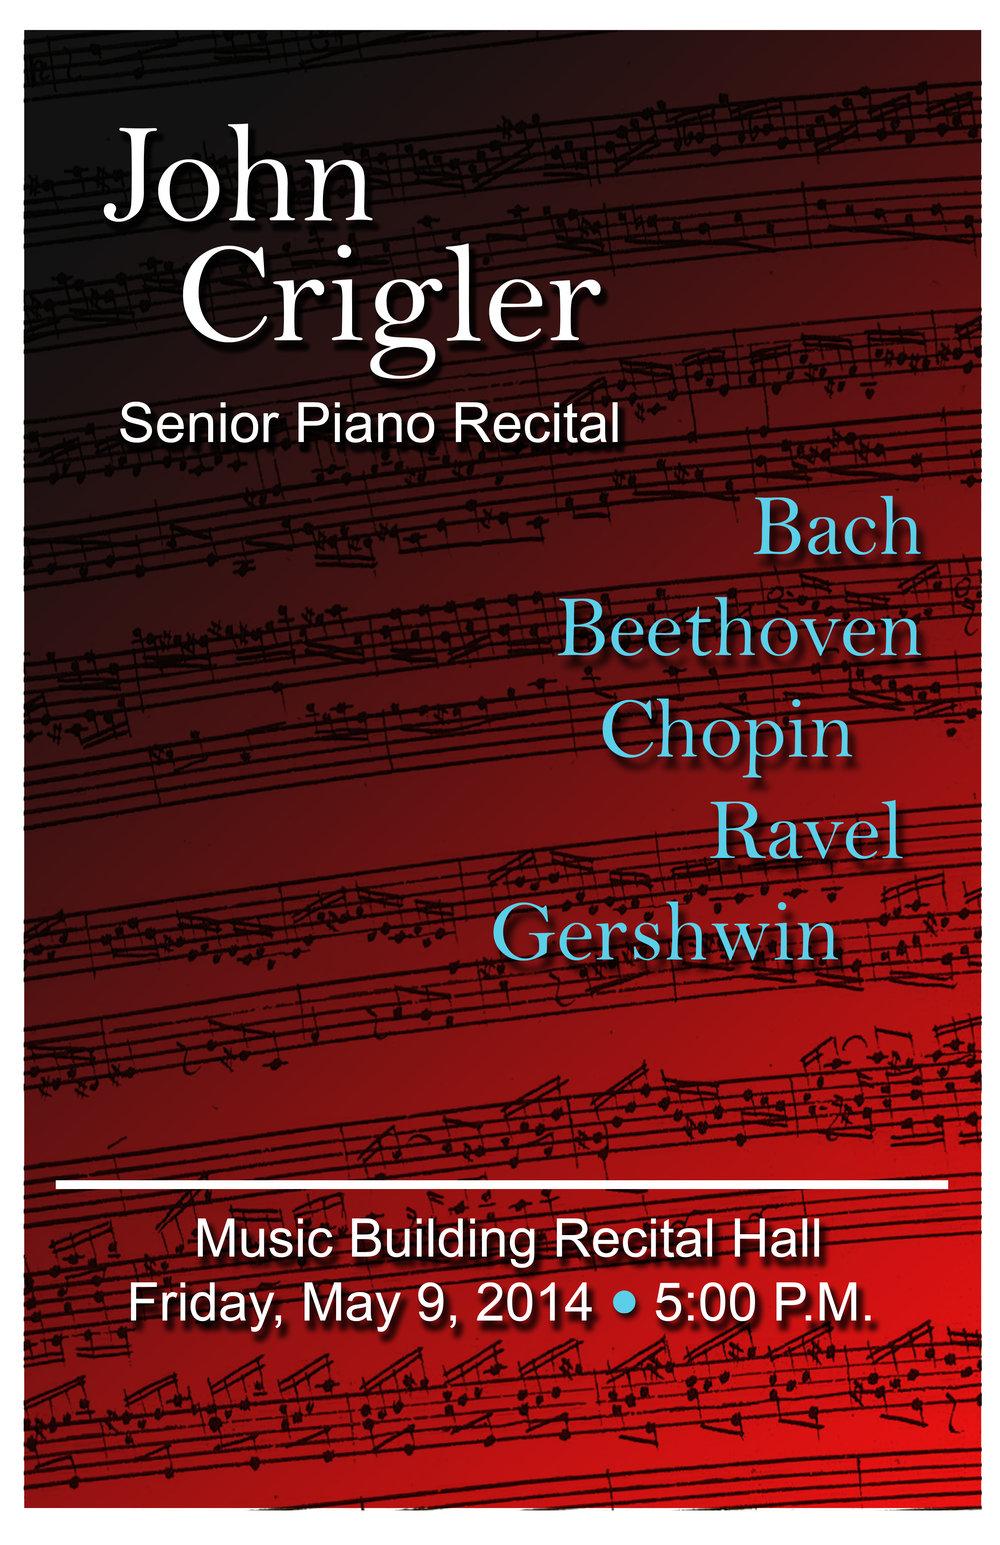 John Crigler Poster 2